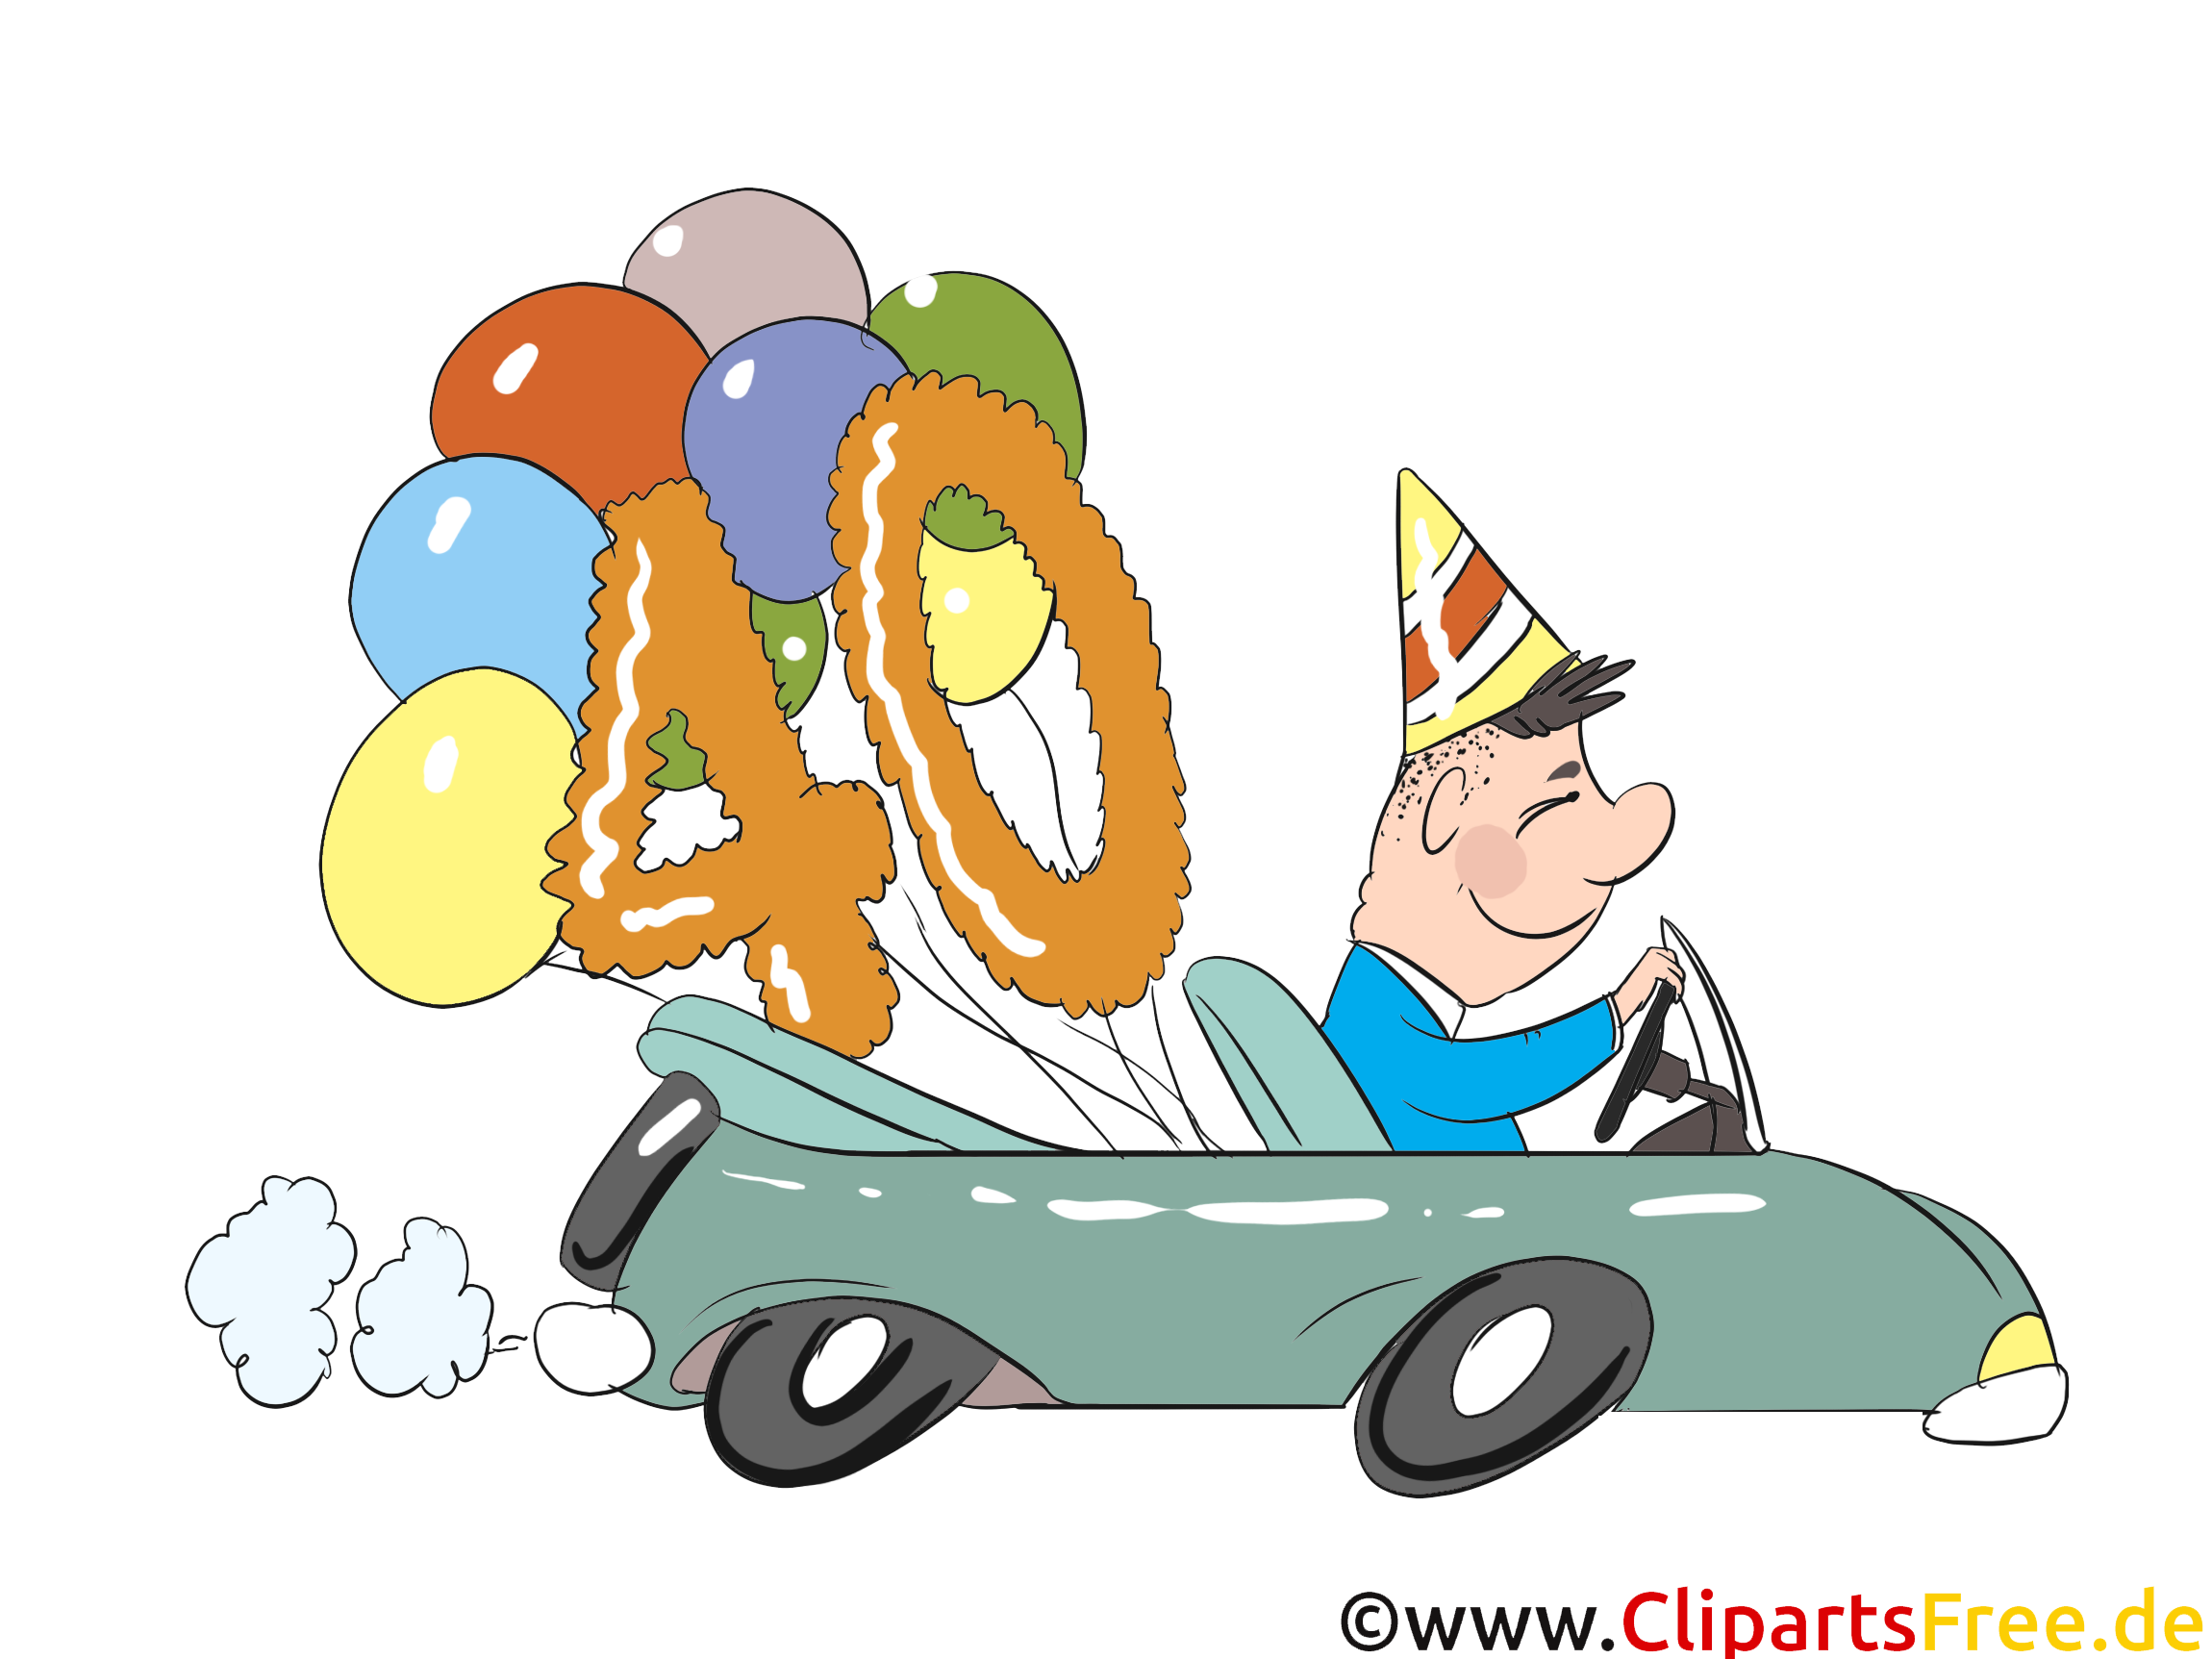 カード、感謝祭、招待状、グリーティングカード - 誕生日は40の誕生日に面白い願い